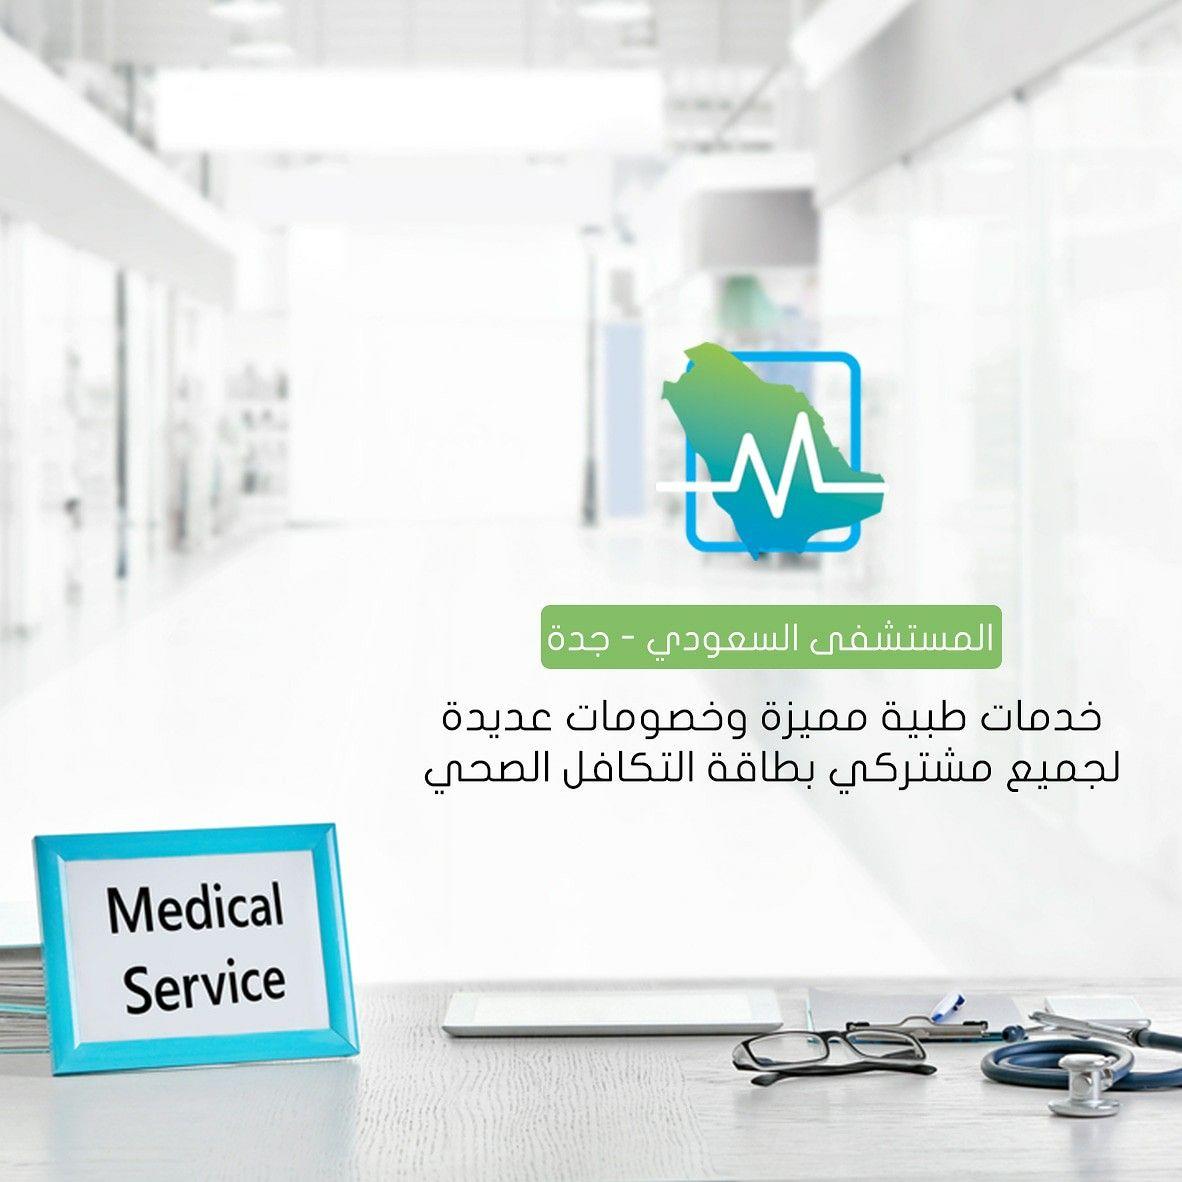 خدمات طبية عديدة ومميزة تجدونها في المستشفى السعودي في جدة بخصومات حقيقية على بطاقة التكافل الصحي عمليات عملية In 2020 Medical Services Medical Health Insurance